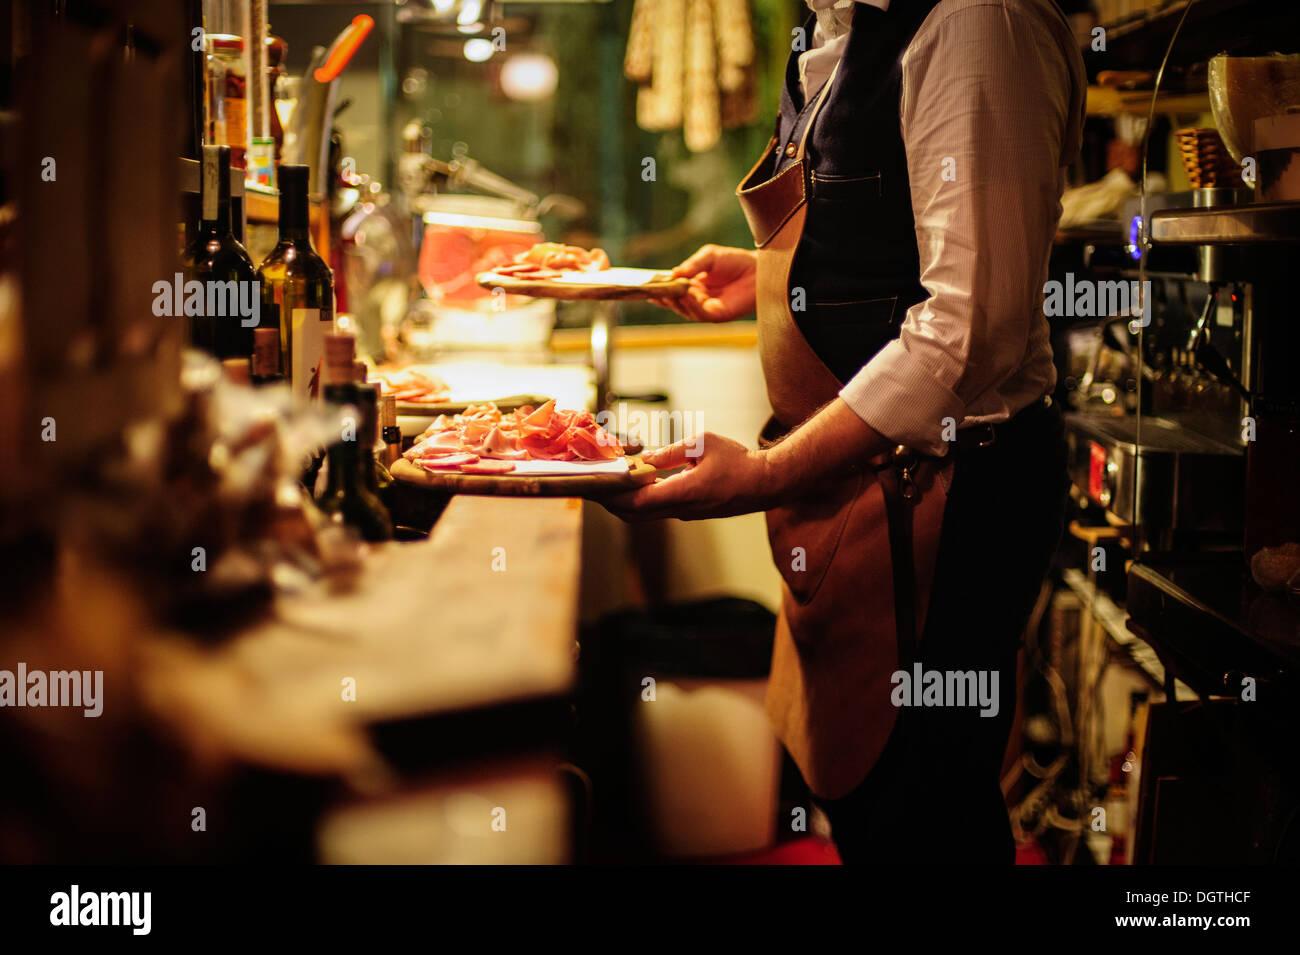 Un server che trasportano un plater di carni secche a La Mascareta ristorante, Venezia, Italia. Immagini Stock